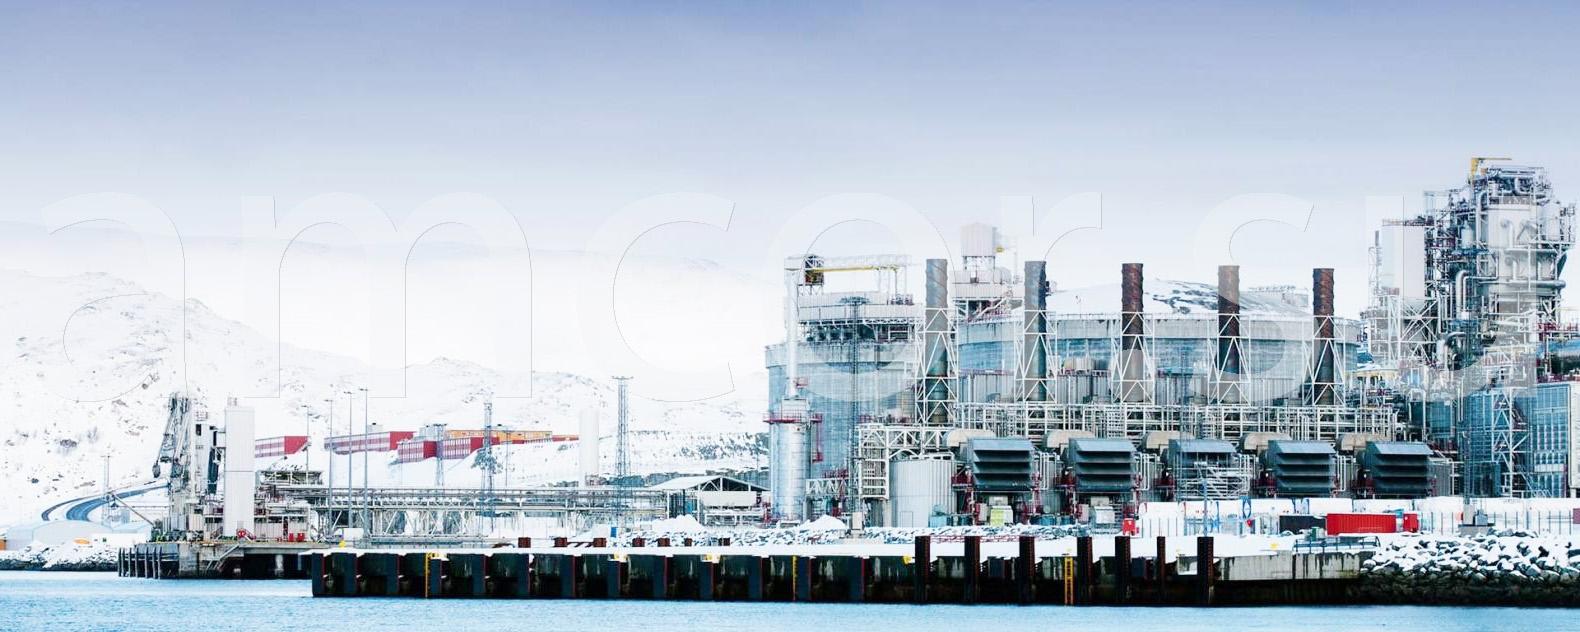 Заказать сервис и поставку датчиков Reuter Stokes в России и СНГ от официального производителя.